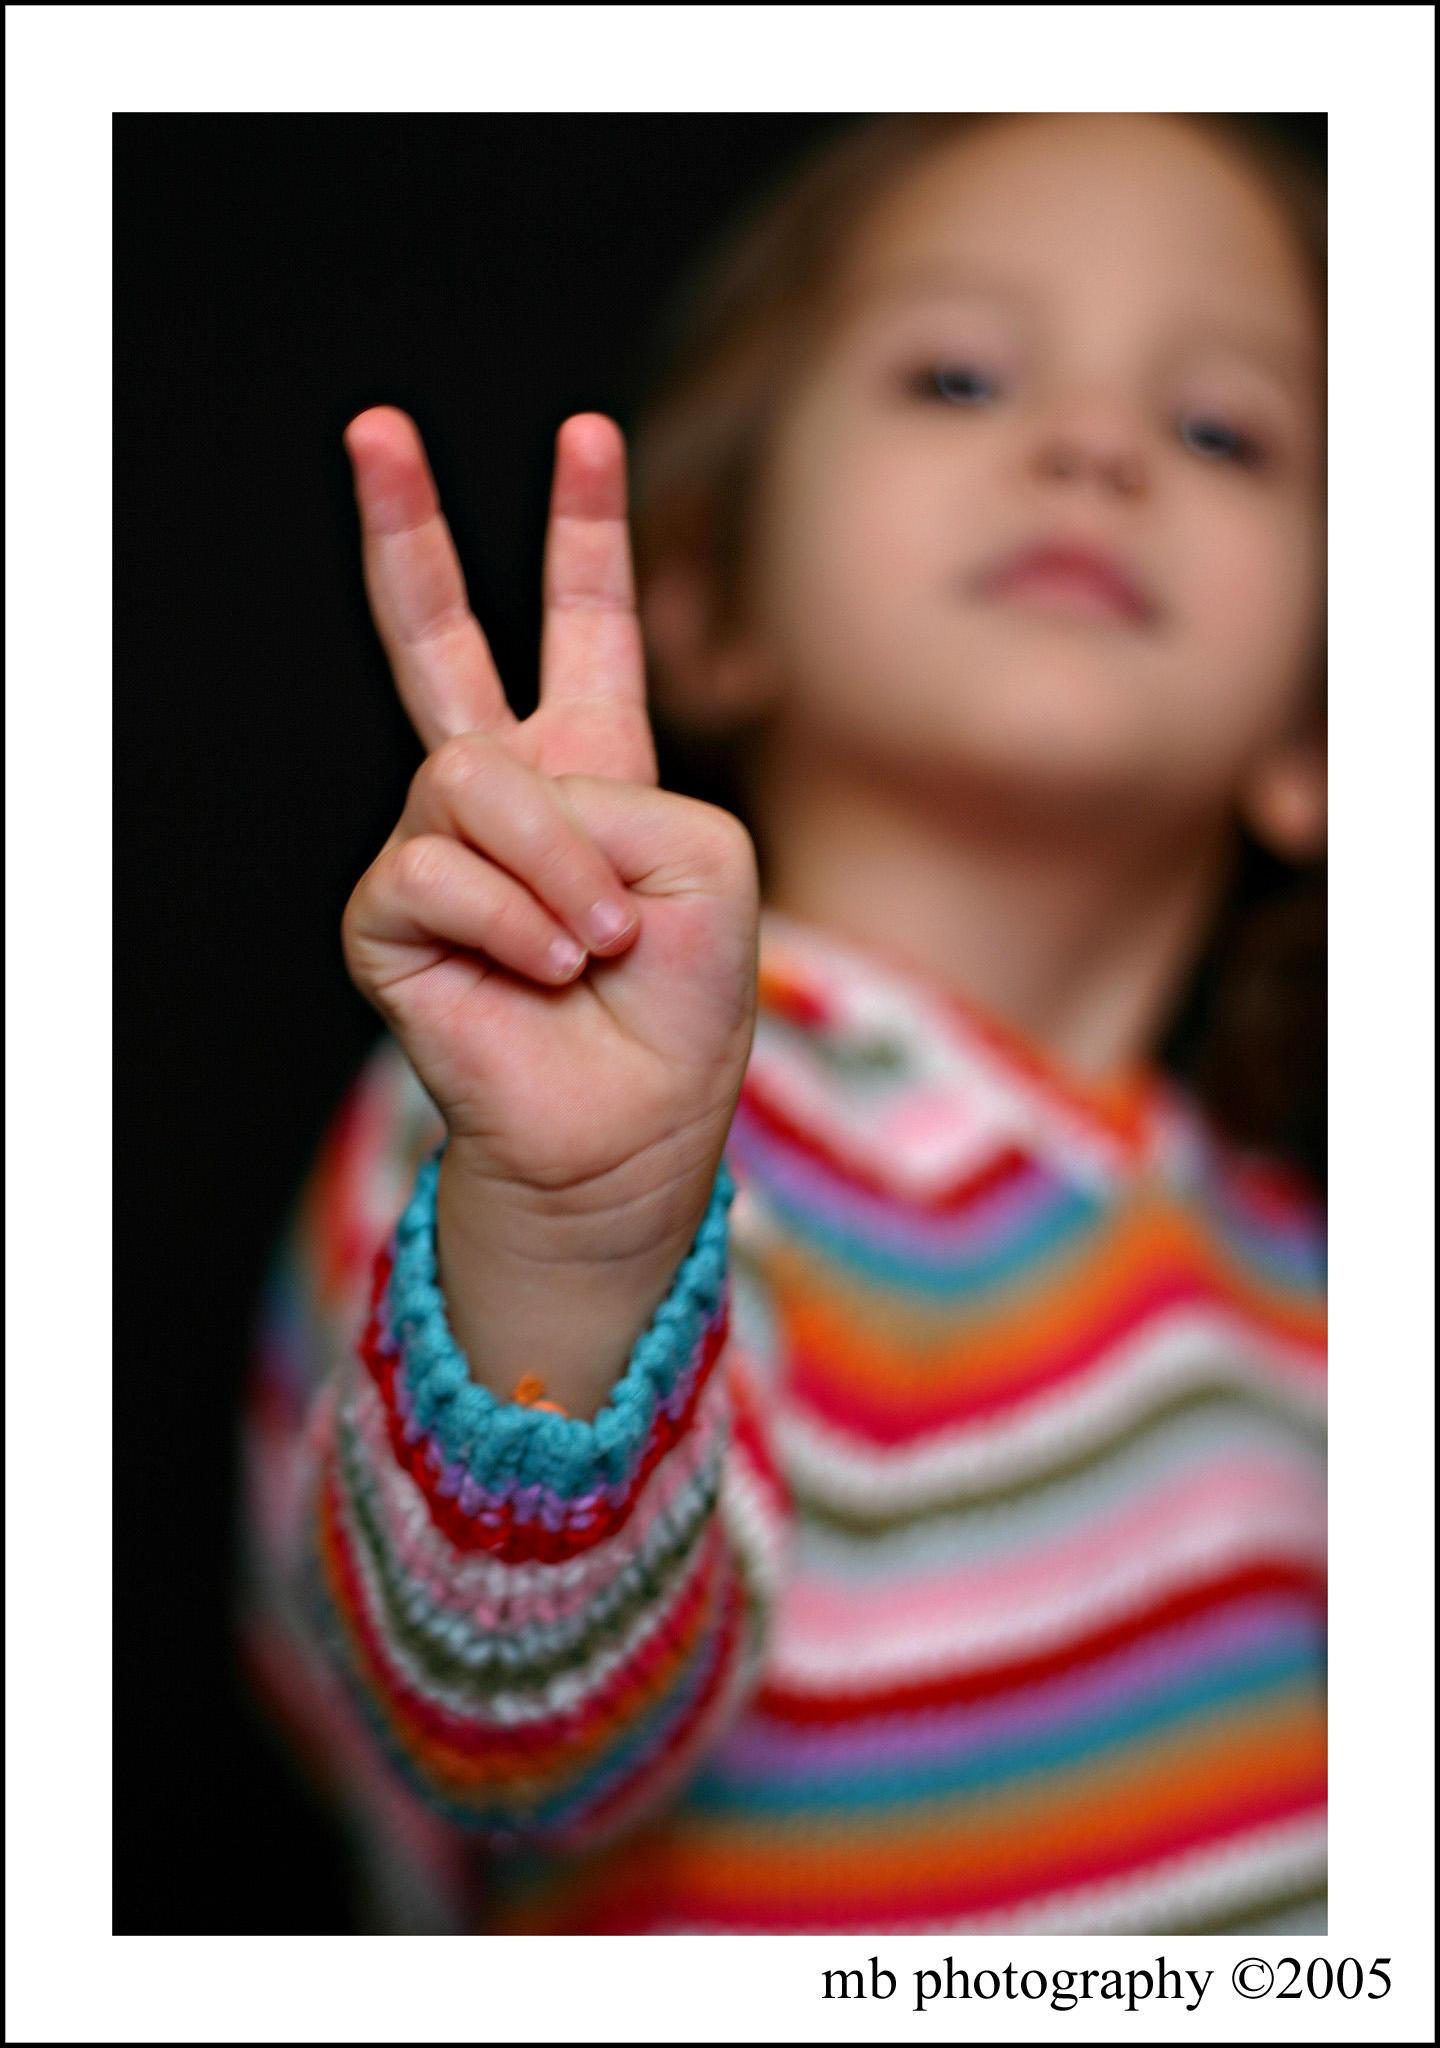 """Obrázek """"http://ic3.deviantart.com/fs4/i/2005/137/7/d/peace_by_mindi1111.jpg"""" nelze zobrazit, protože obsahuje chyby."""